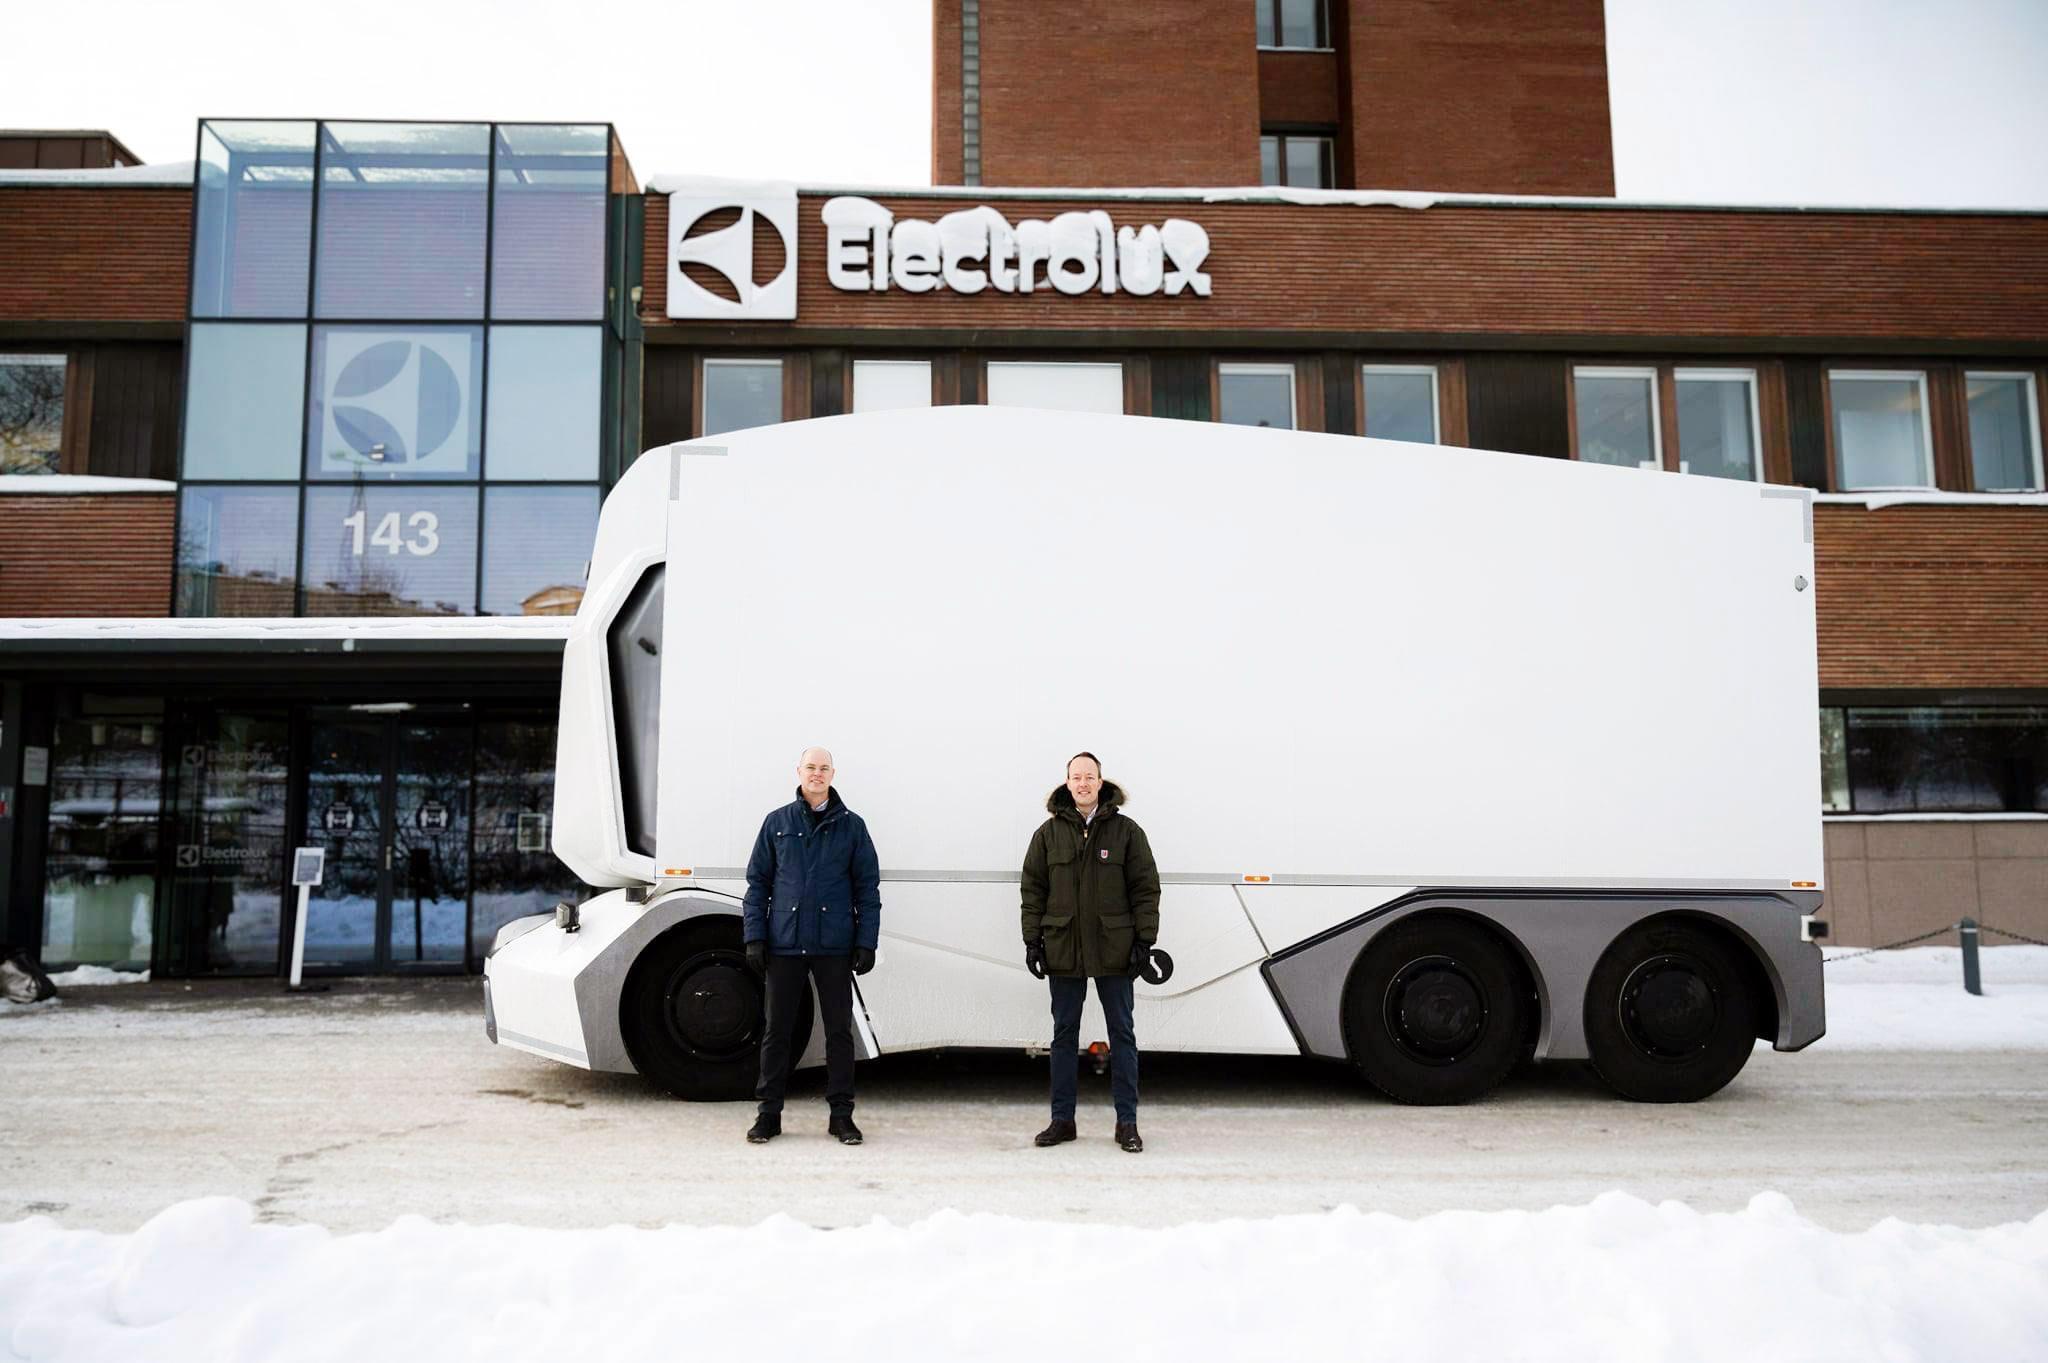 Einride, livrări electrice pentru Lidl și Electrolux, în Suedia